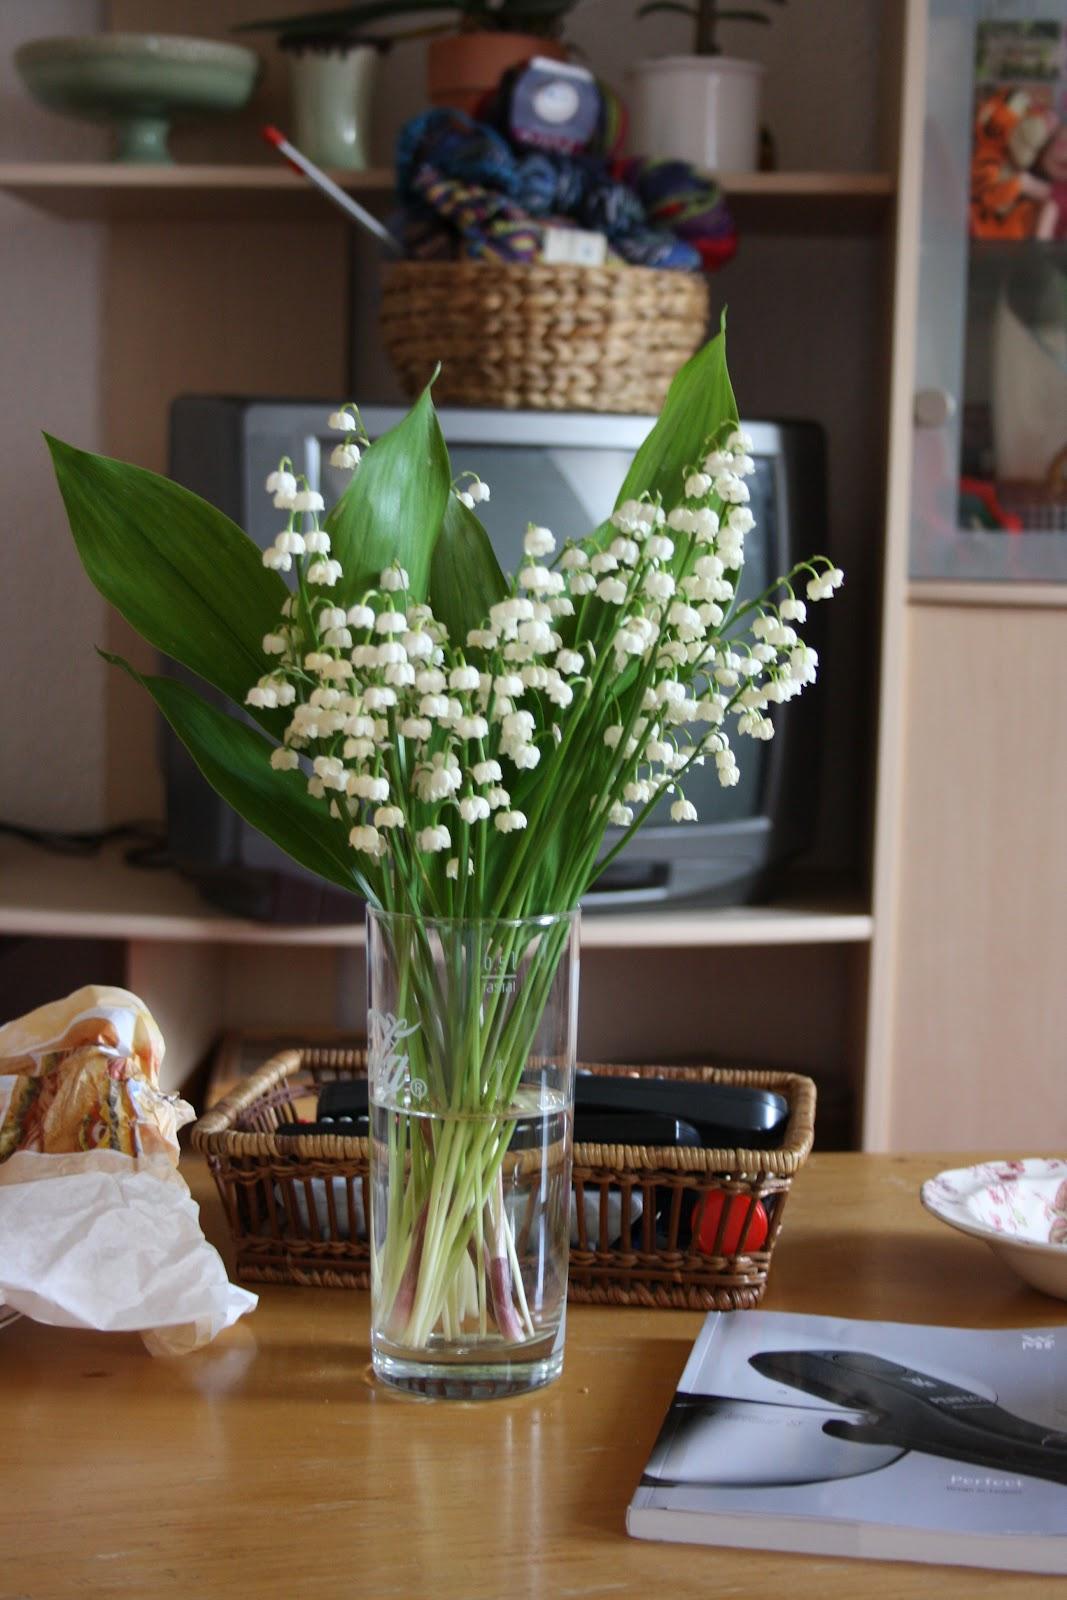 Hoa lan chuông cắm lọ thủy tinh trong nhà